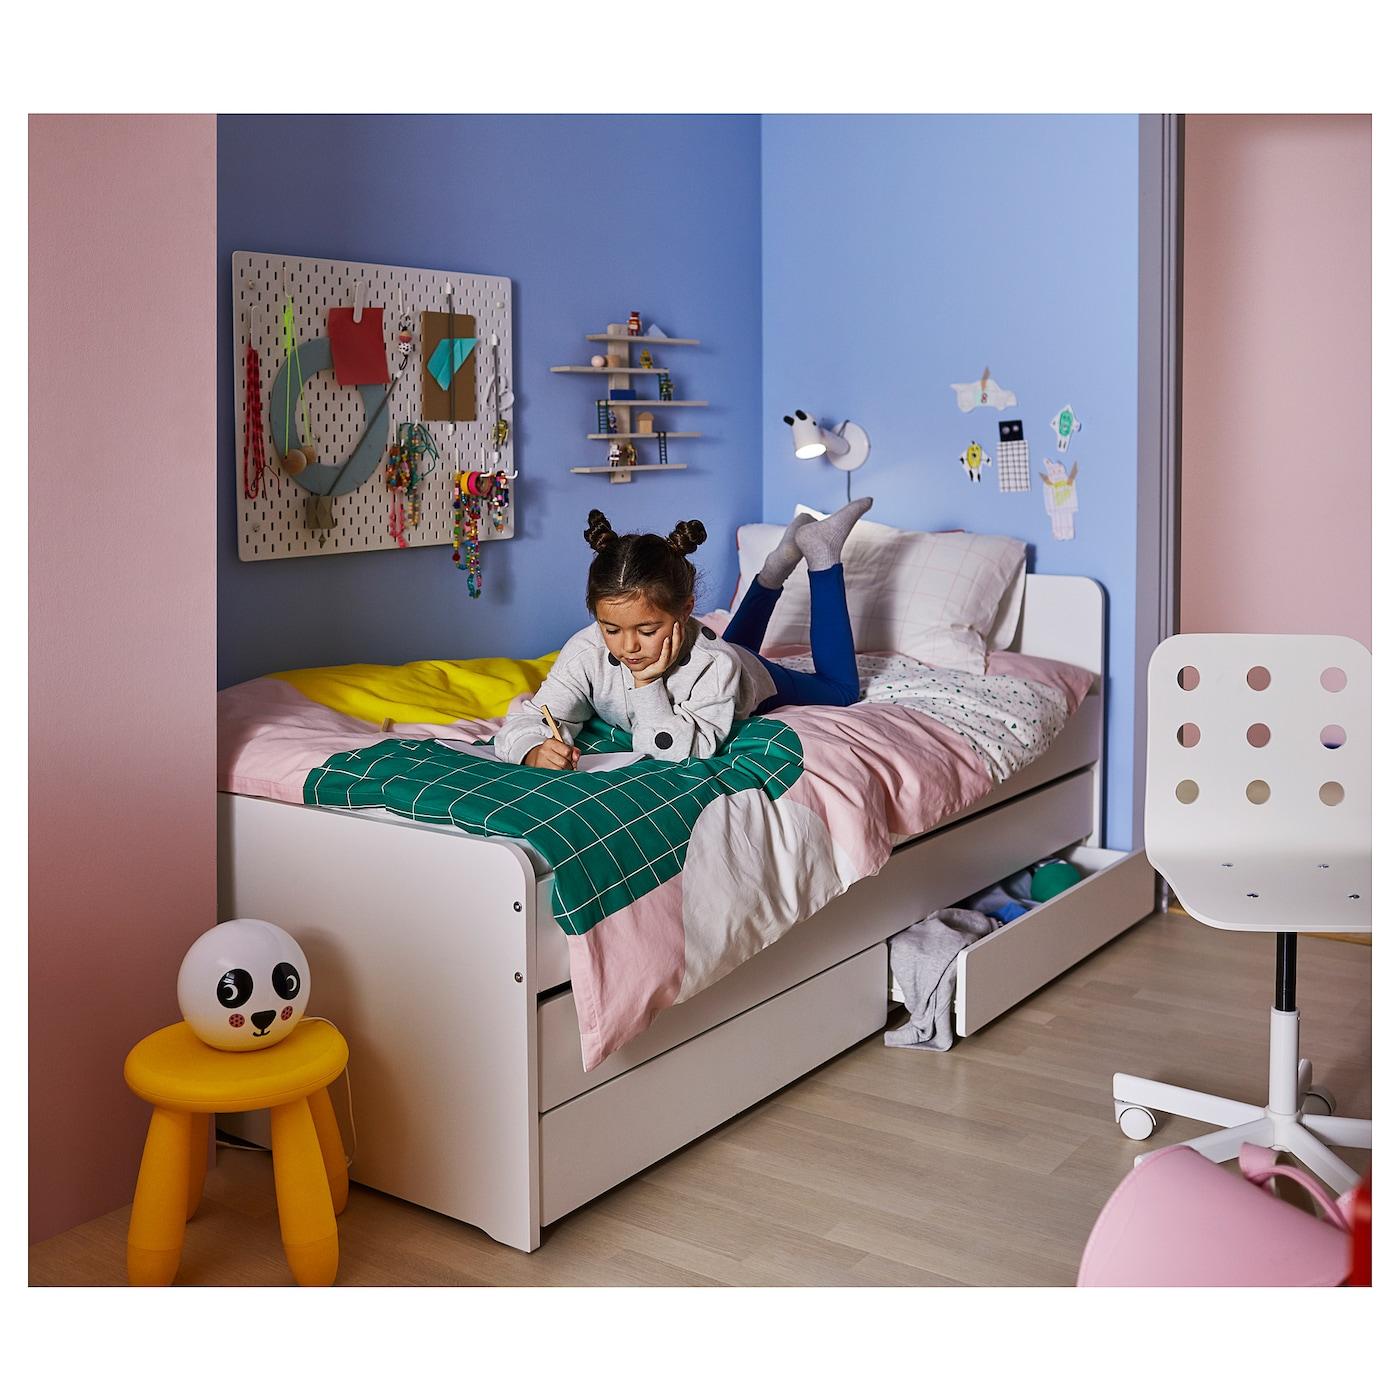 Full Size of Ruf Bett 140x200 Mit Schubladen 180x200 Betten Outlet Lattenrost Hoch Selber Zusammenstellen Graues Landhaus 120x200 Landhausstil Skandinavisch Komplett Und Wohnzimmer Bett 120x200 Ikea